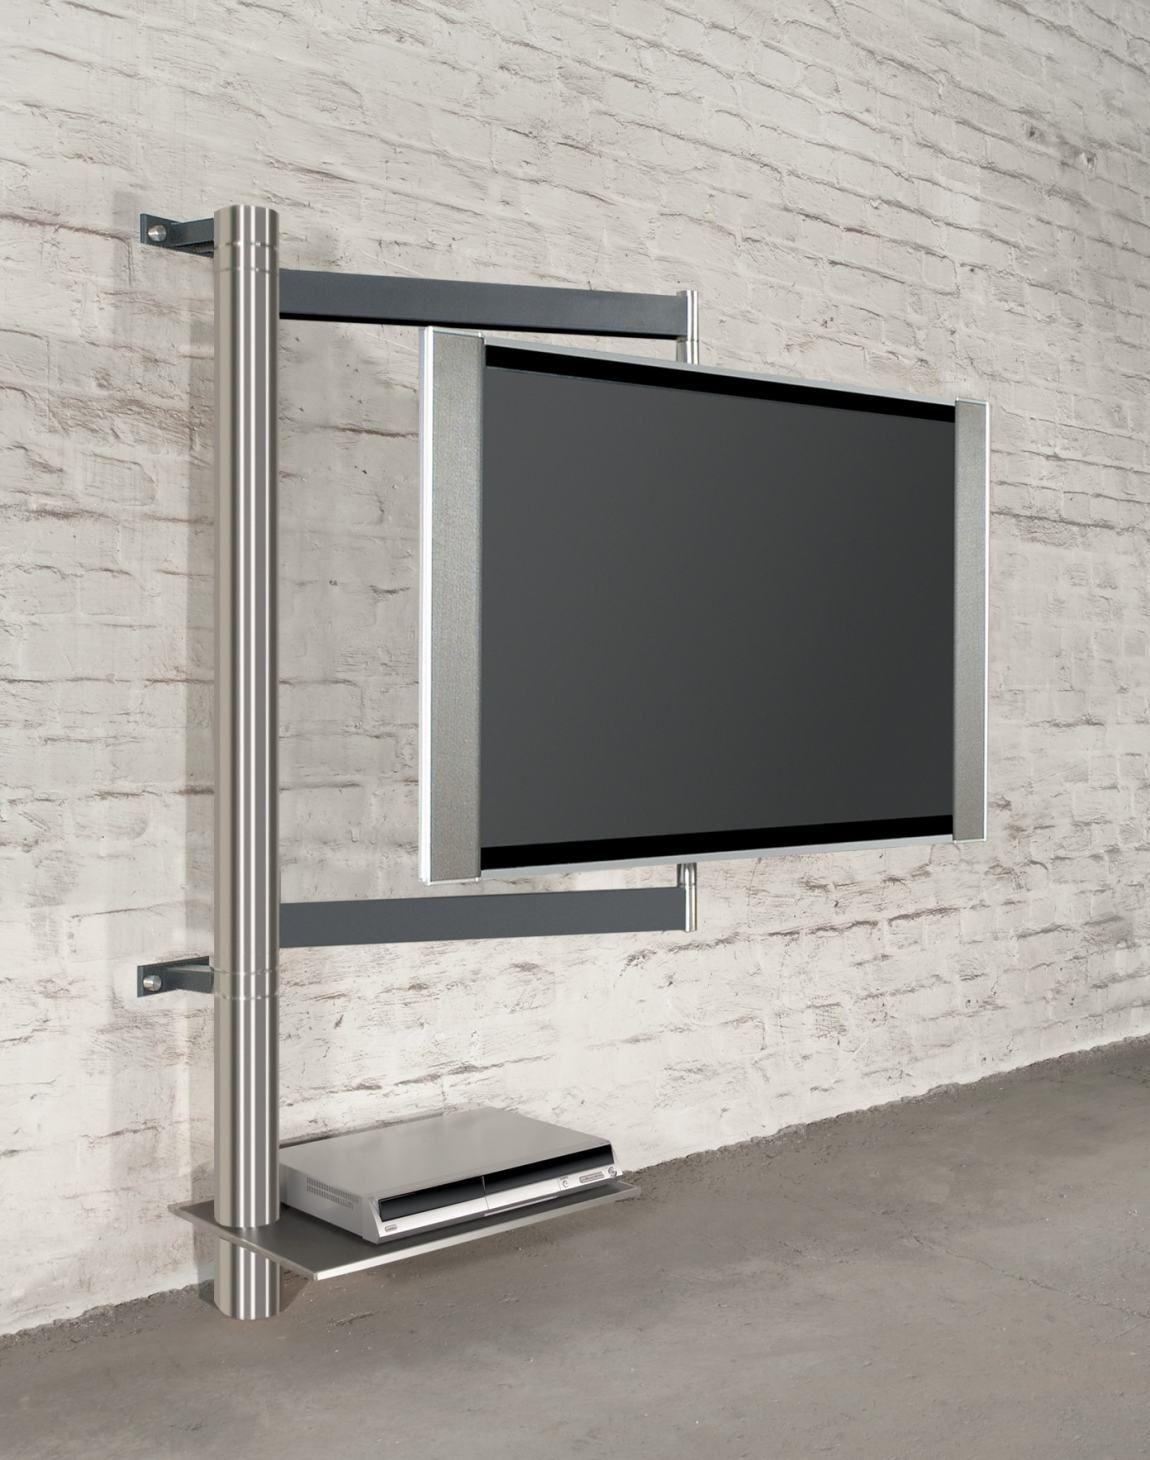 Wissmann Tv Meubel.Pin By Seanjin On Av Mount Solutions In 2019 Tv Furniture Swivel